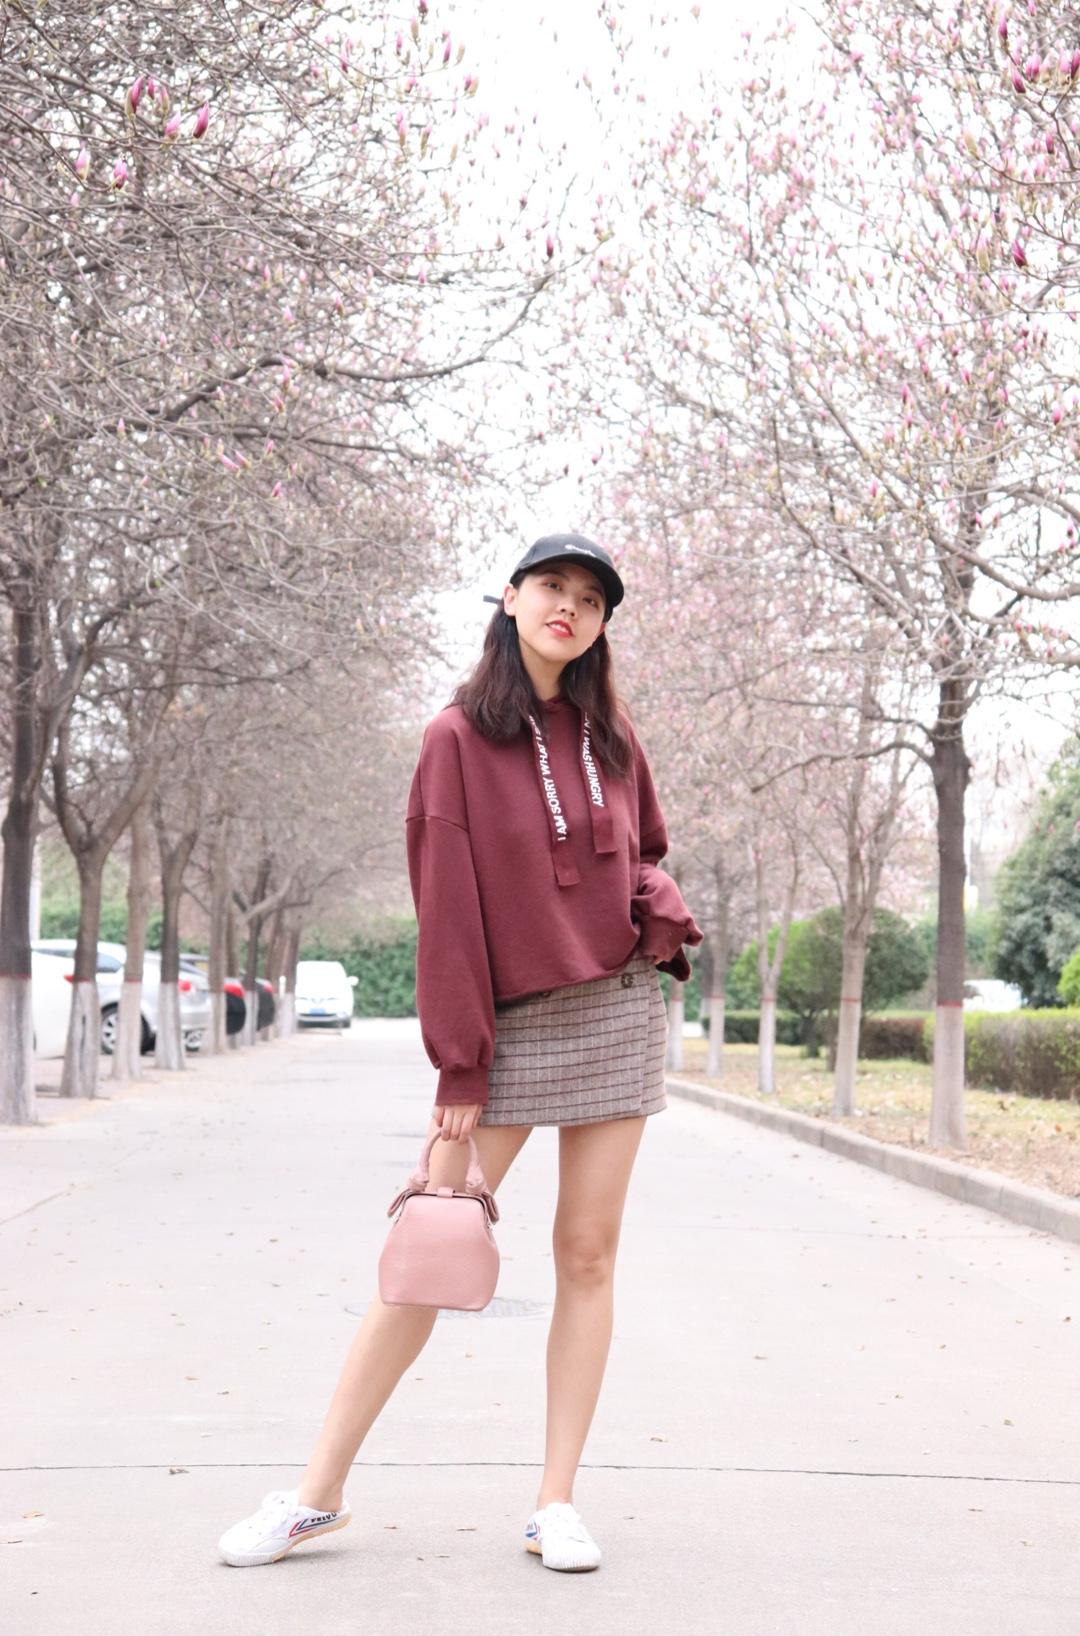 ✨留言你的身高体重,帮你解决穿搭烦恼✨ 春季必备单品卫衣!上身的这件卫衣是短款版型,下身搭配高腰单品都可以,酒红色也很显肤白哦,版型很宽松打造休闲感。下身我搭配了一条高腰半身裙,很青春有活力,再来一顶棒球帽超显年轻! #全民搭配挑战赛#